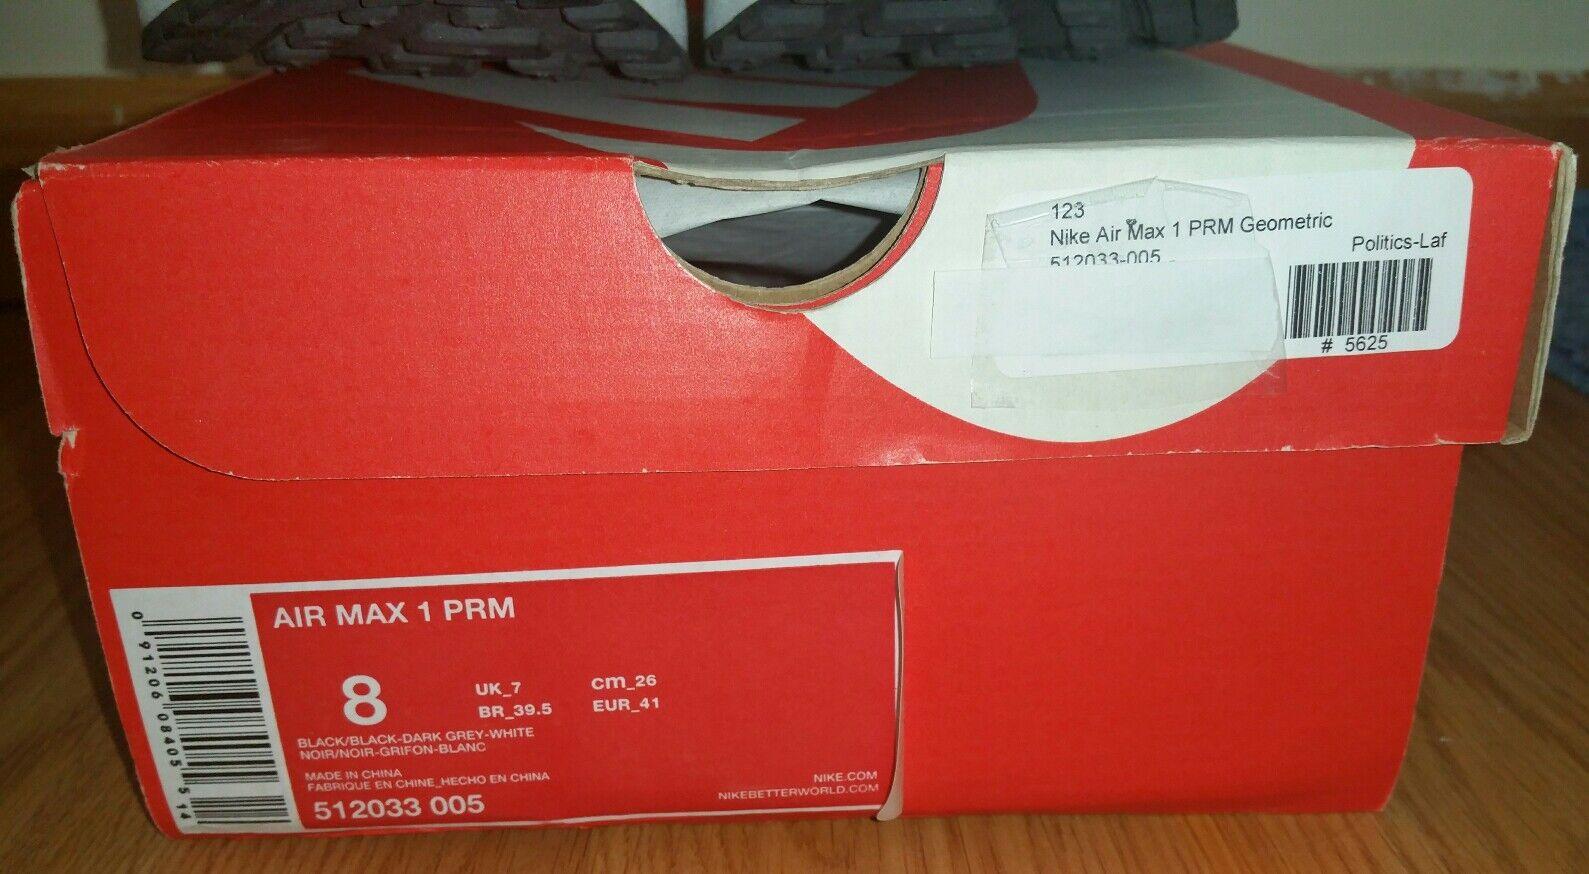 Nike Air PRM max 1 PRM Air geometric 512033-005 Black 1dd089